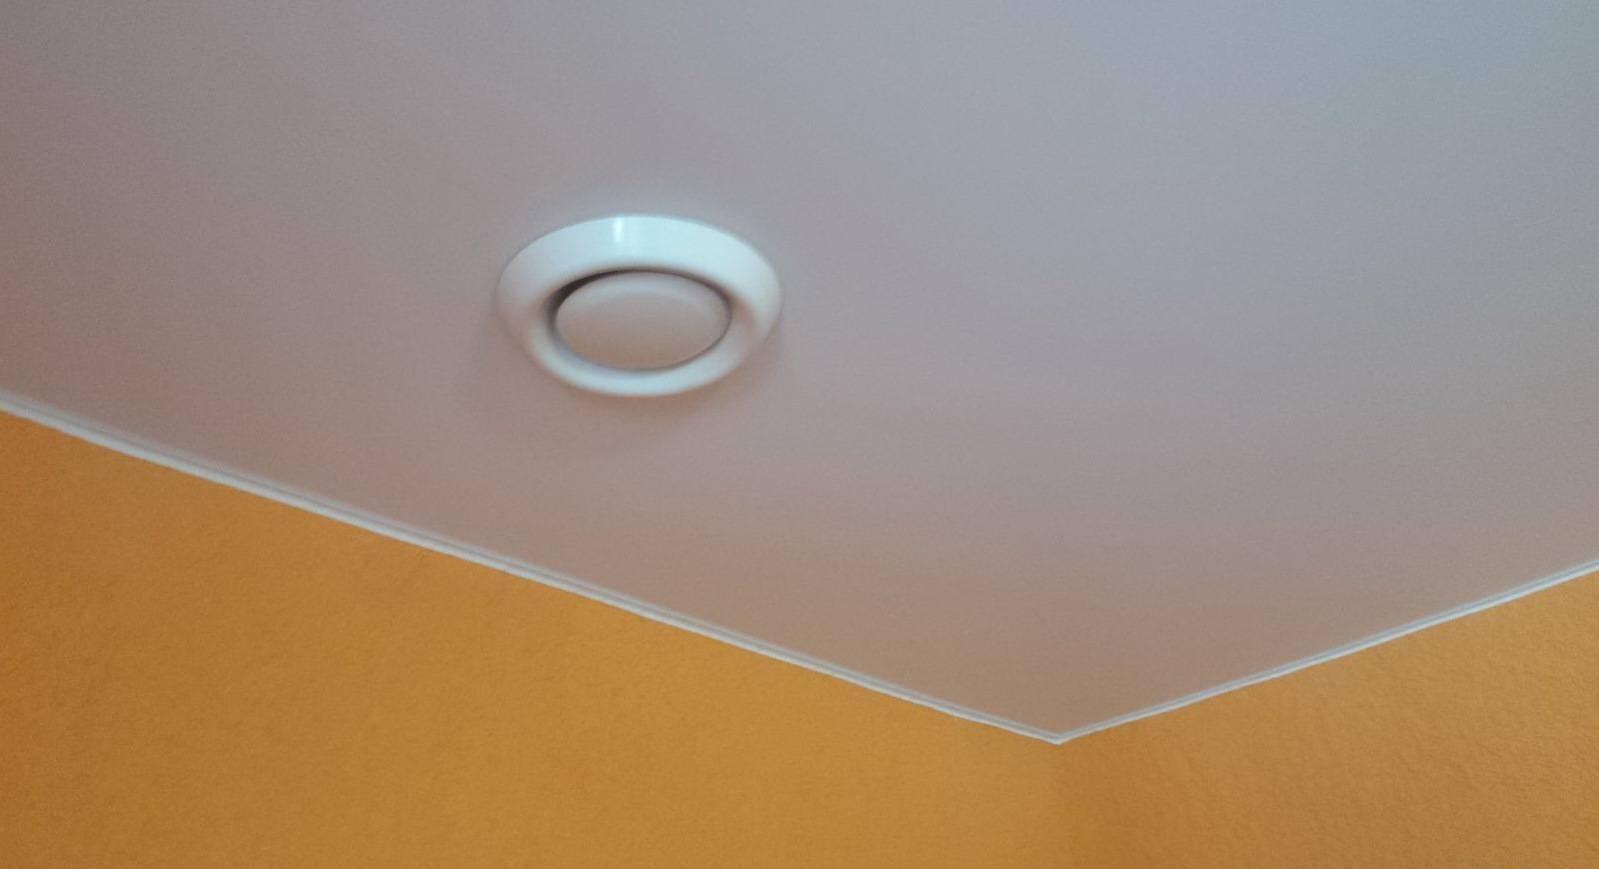 Вентиляция в натяжном потолке: вытяжки, решетки и их установка в ванной